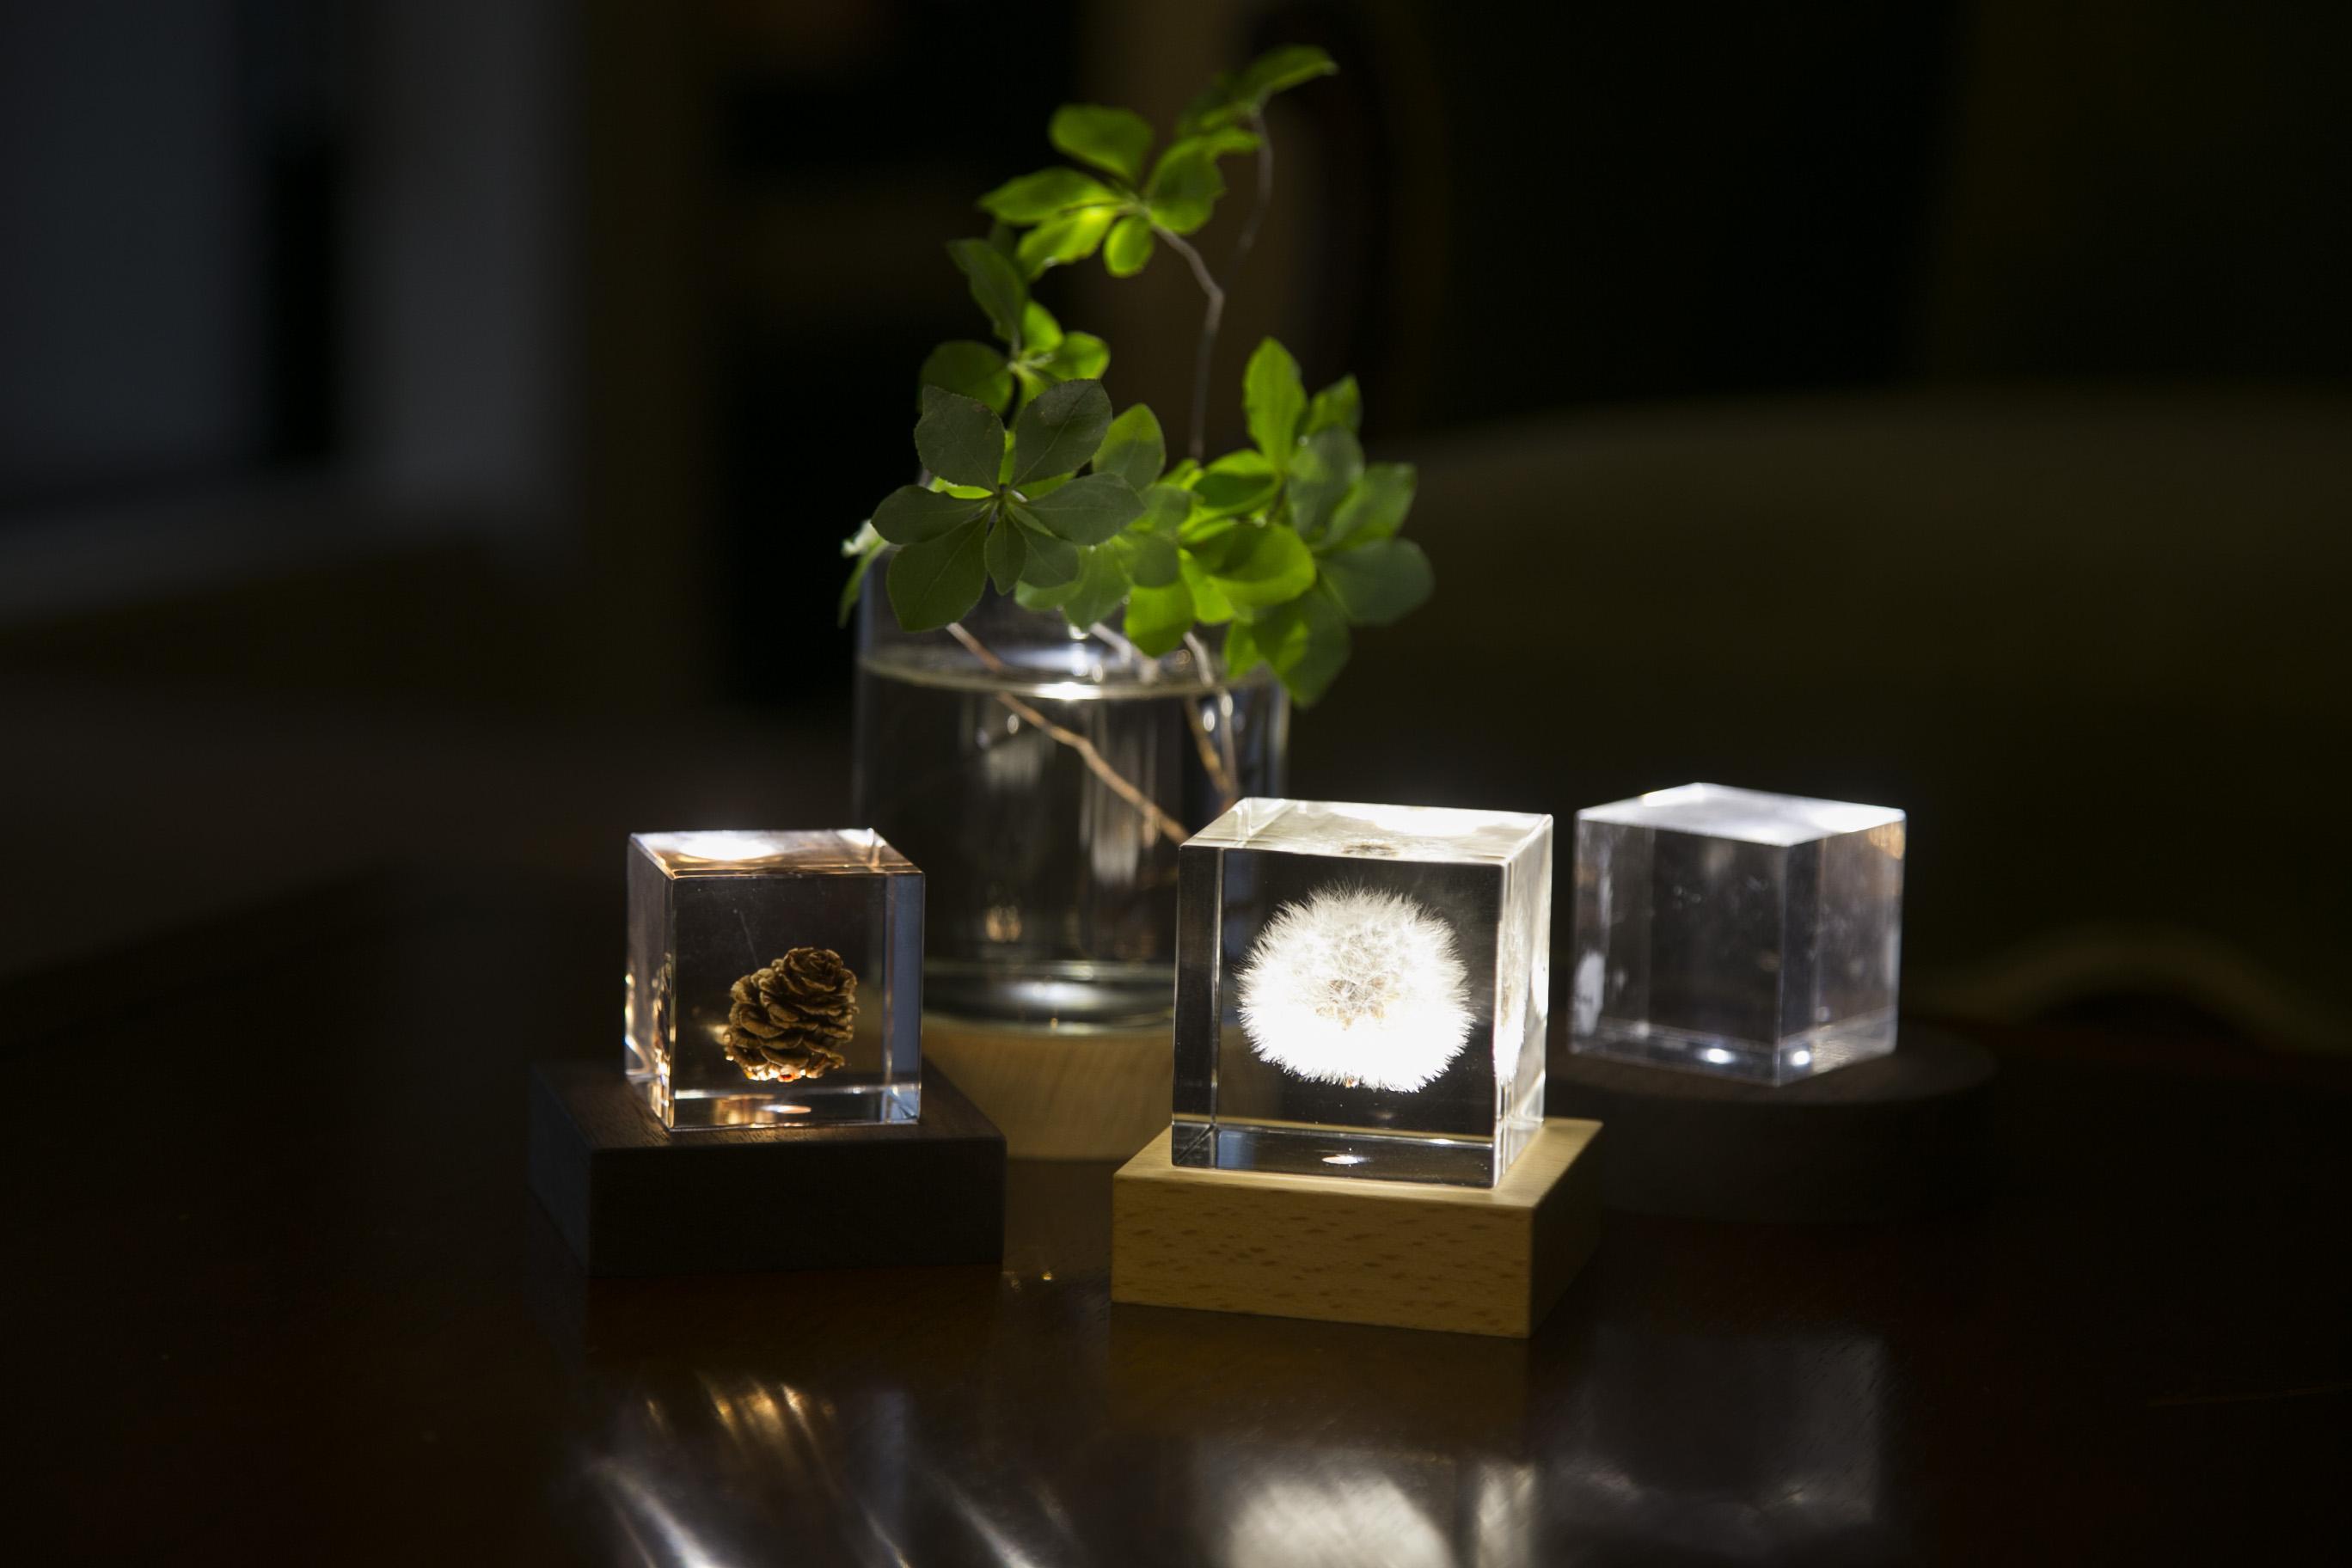 自分好みの灯りが自在に作れる「Light Base」